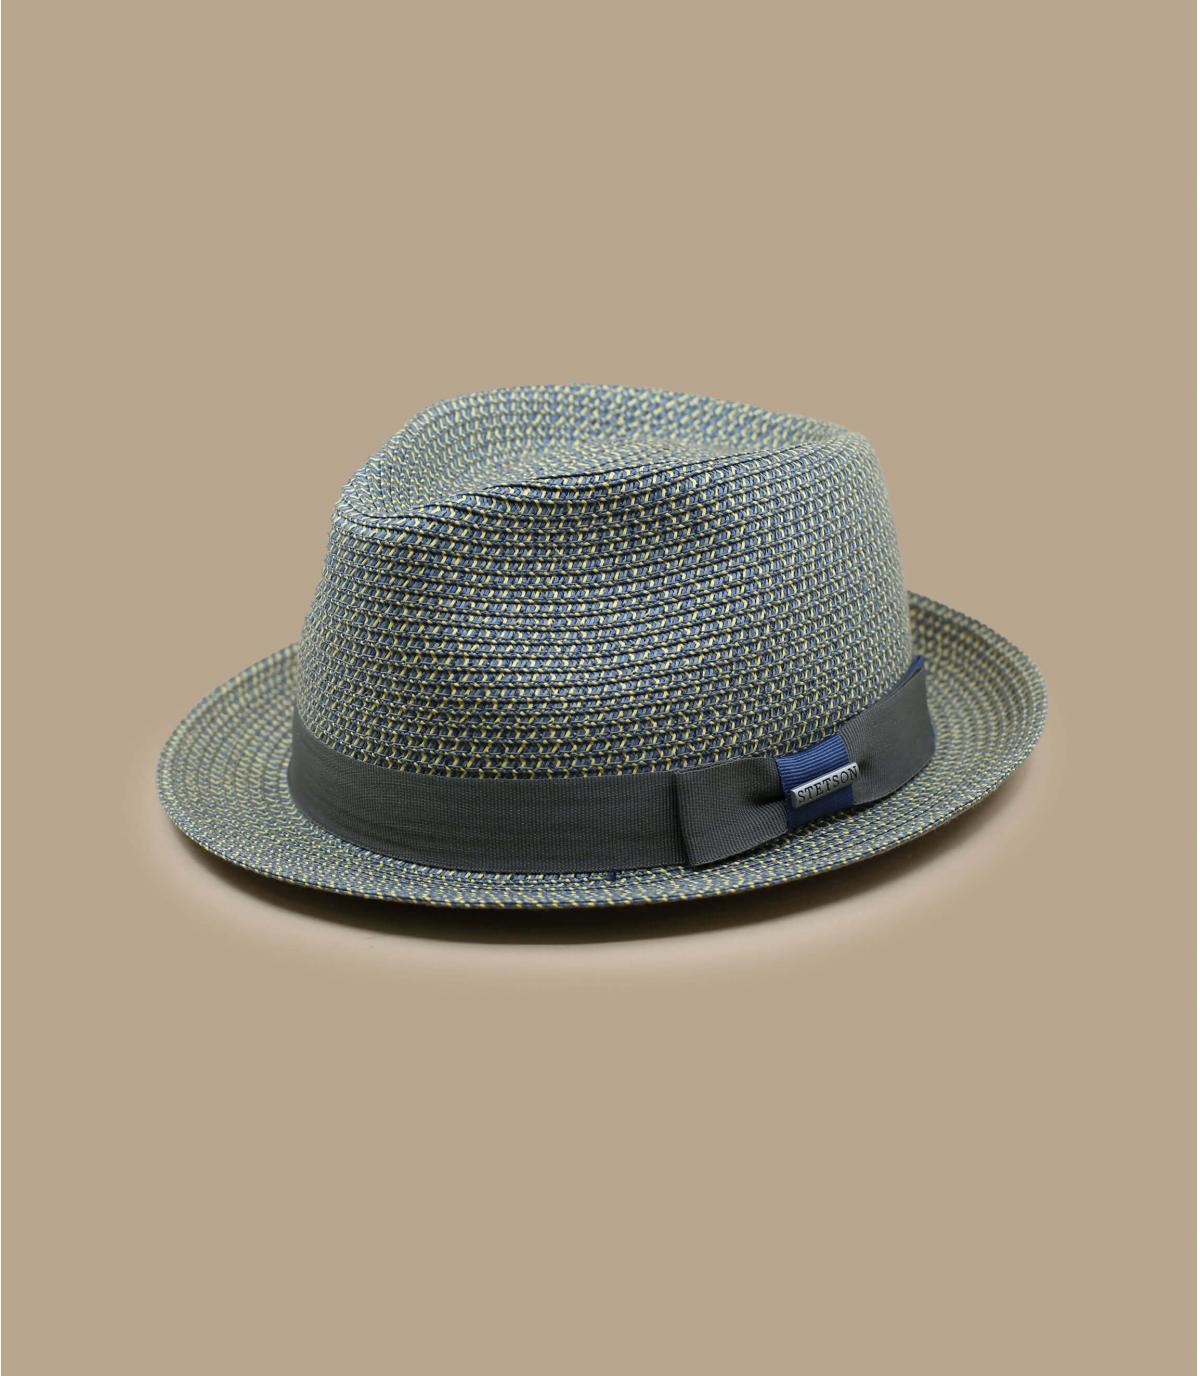 Sombrero Stetson azul gris